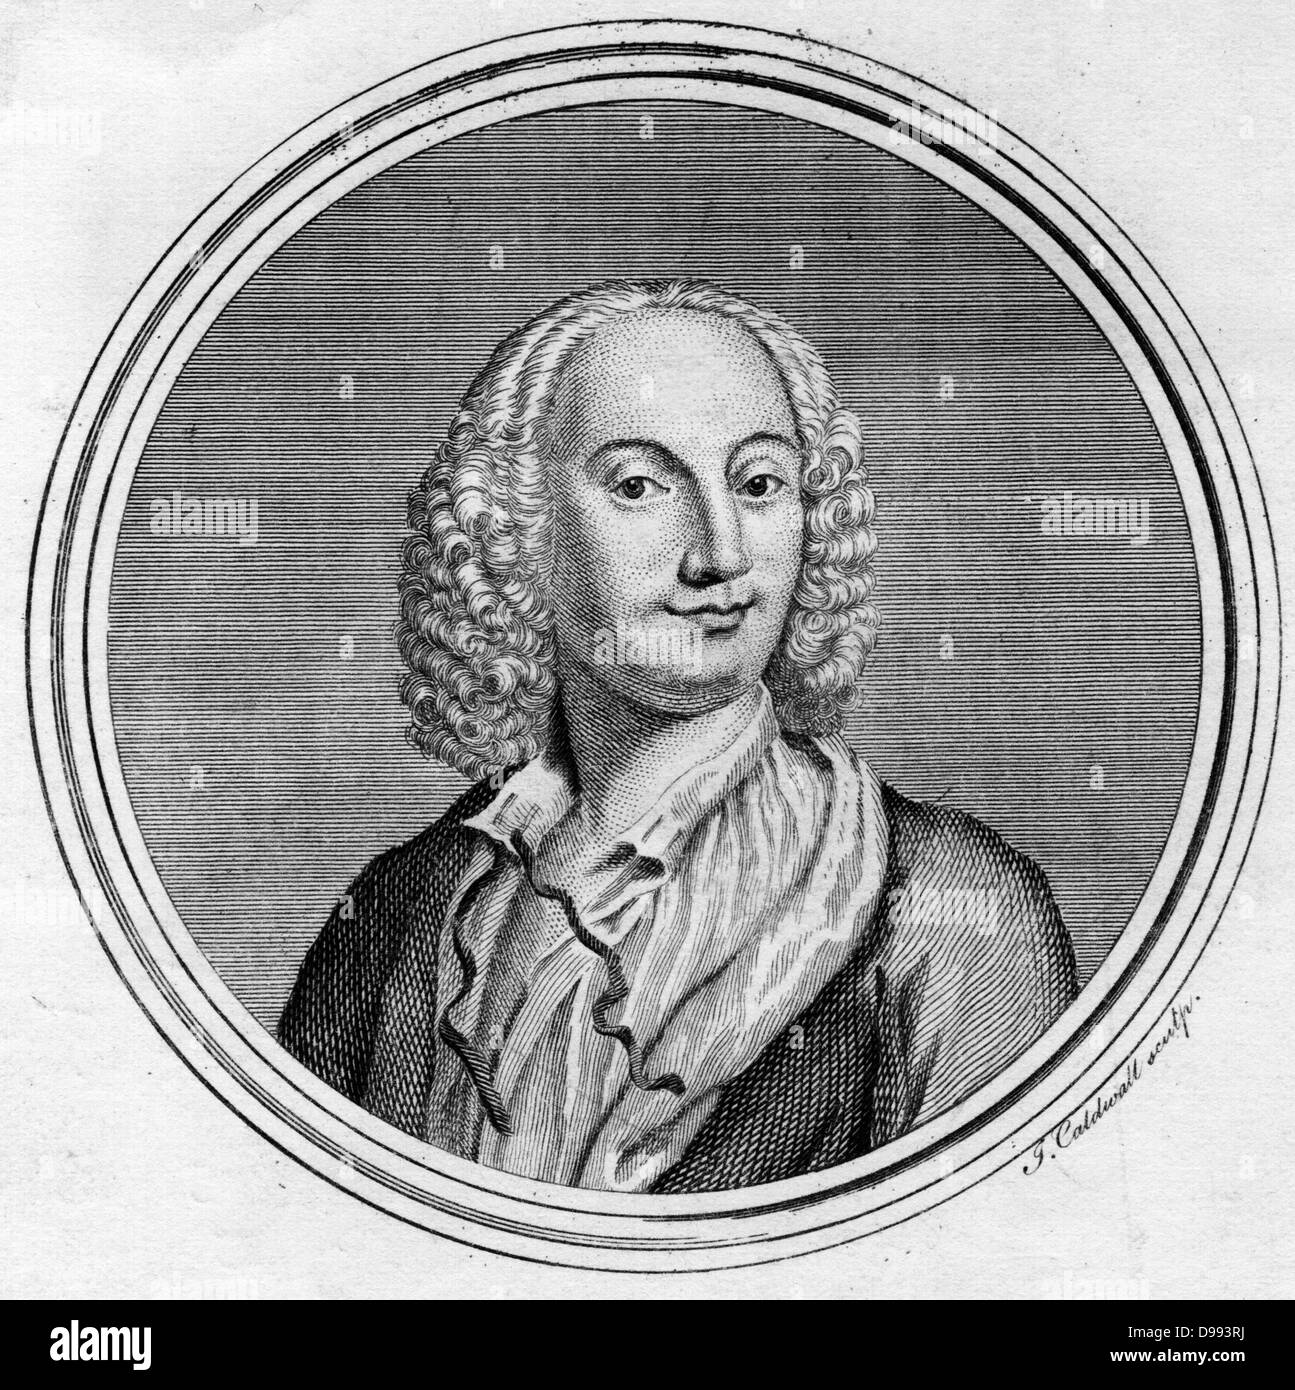 Antonio Vivaldi (1678-1741) Italian composer and violinist, born in Verona - Stock Image